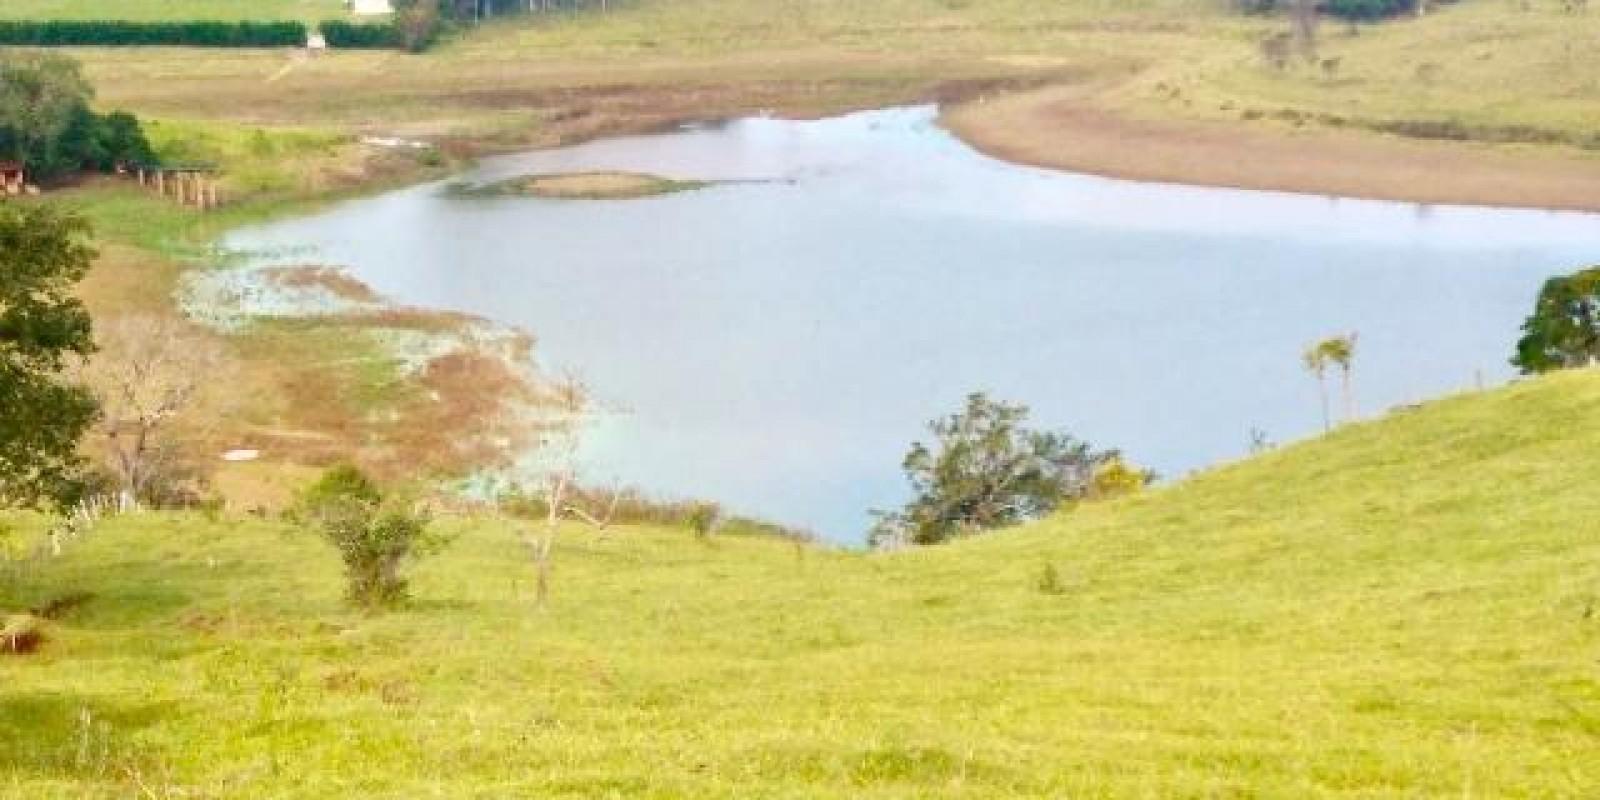 Sítio de 7.1 Alqueires em Arandu SP  - Foto 1 de 21